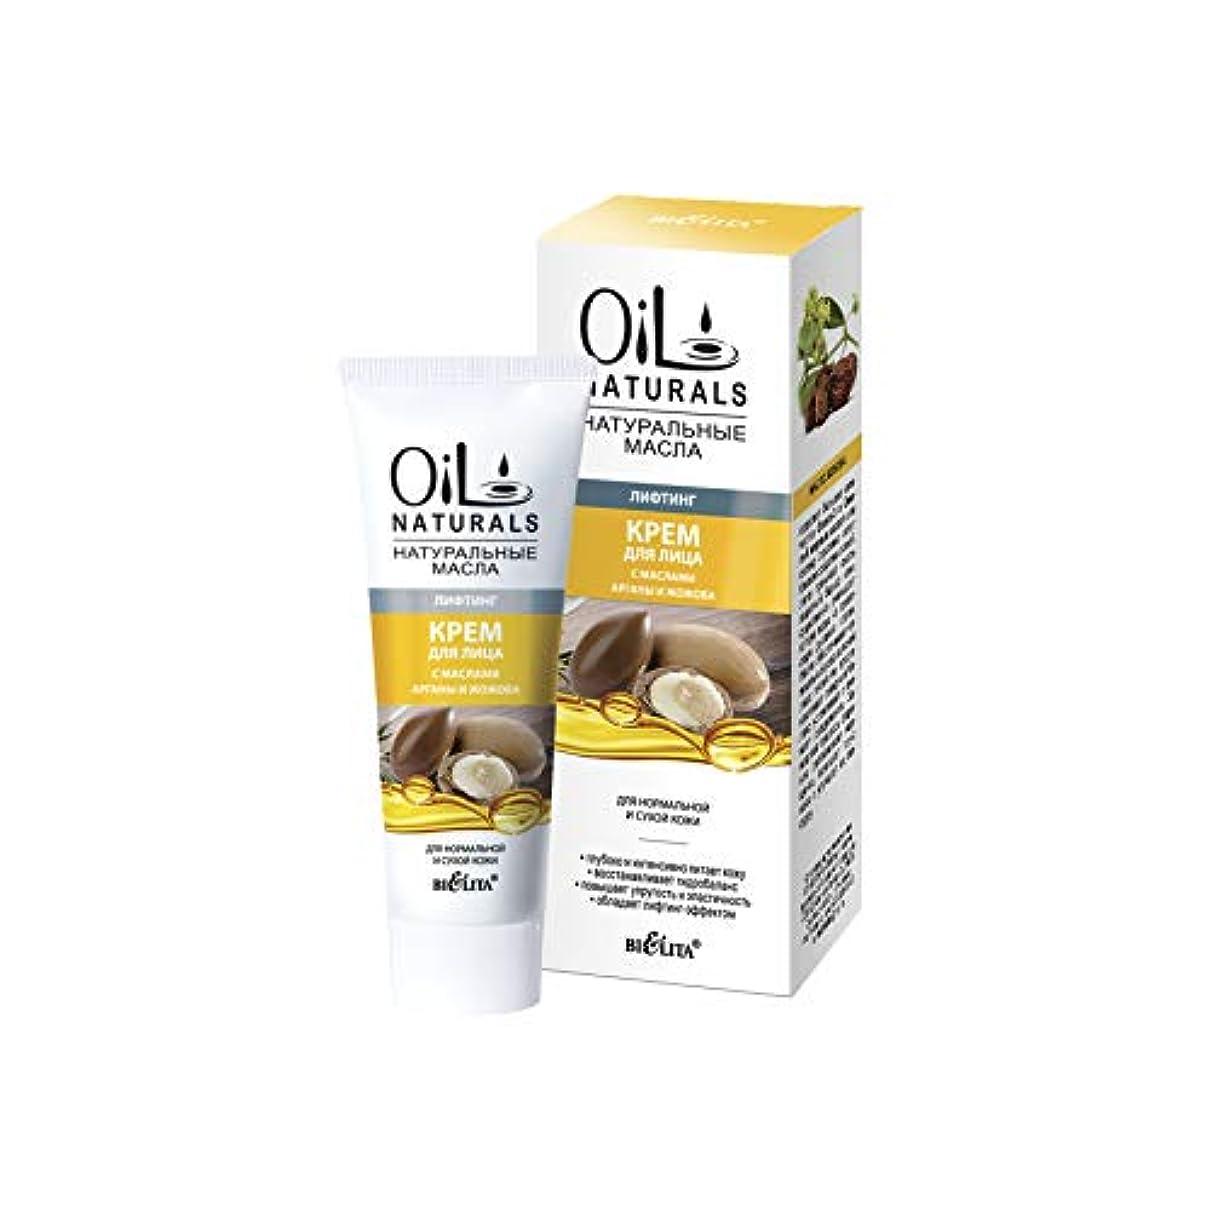 ダニニッケルスリムBielita & Vitex | Argan Oil, Jojoba Oil Moisturising Cream for the Face 50ml | Intensive Moisturizer With Natural...